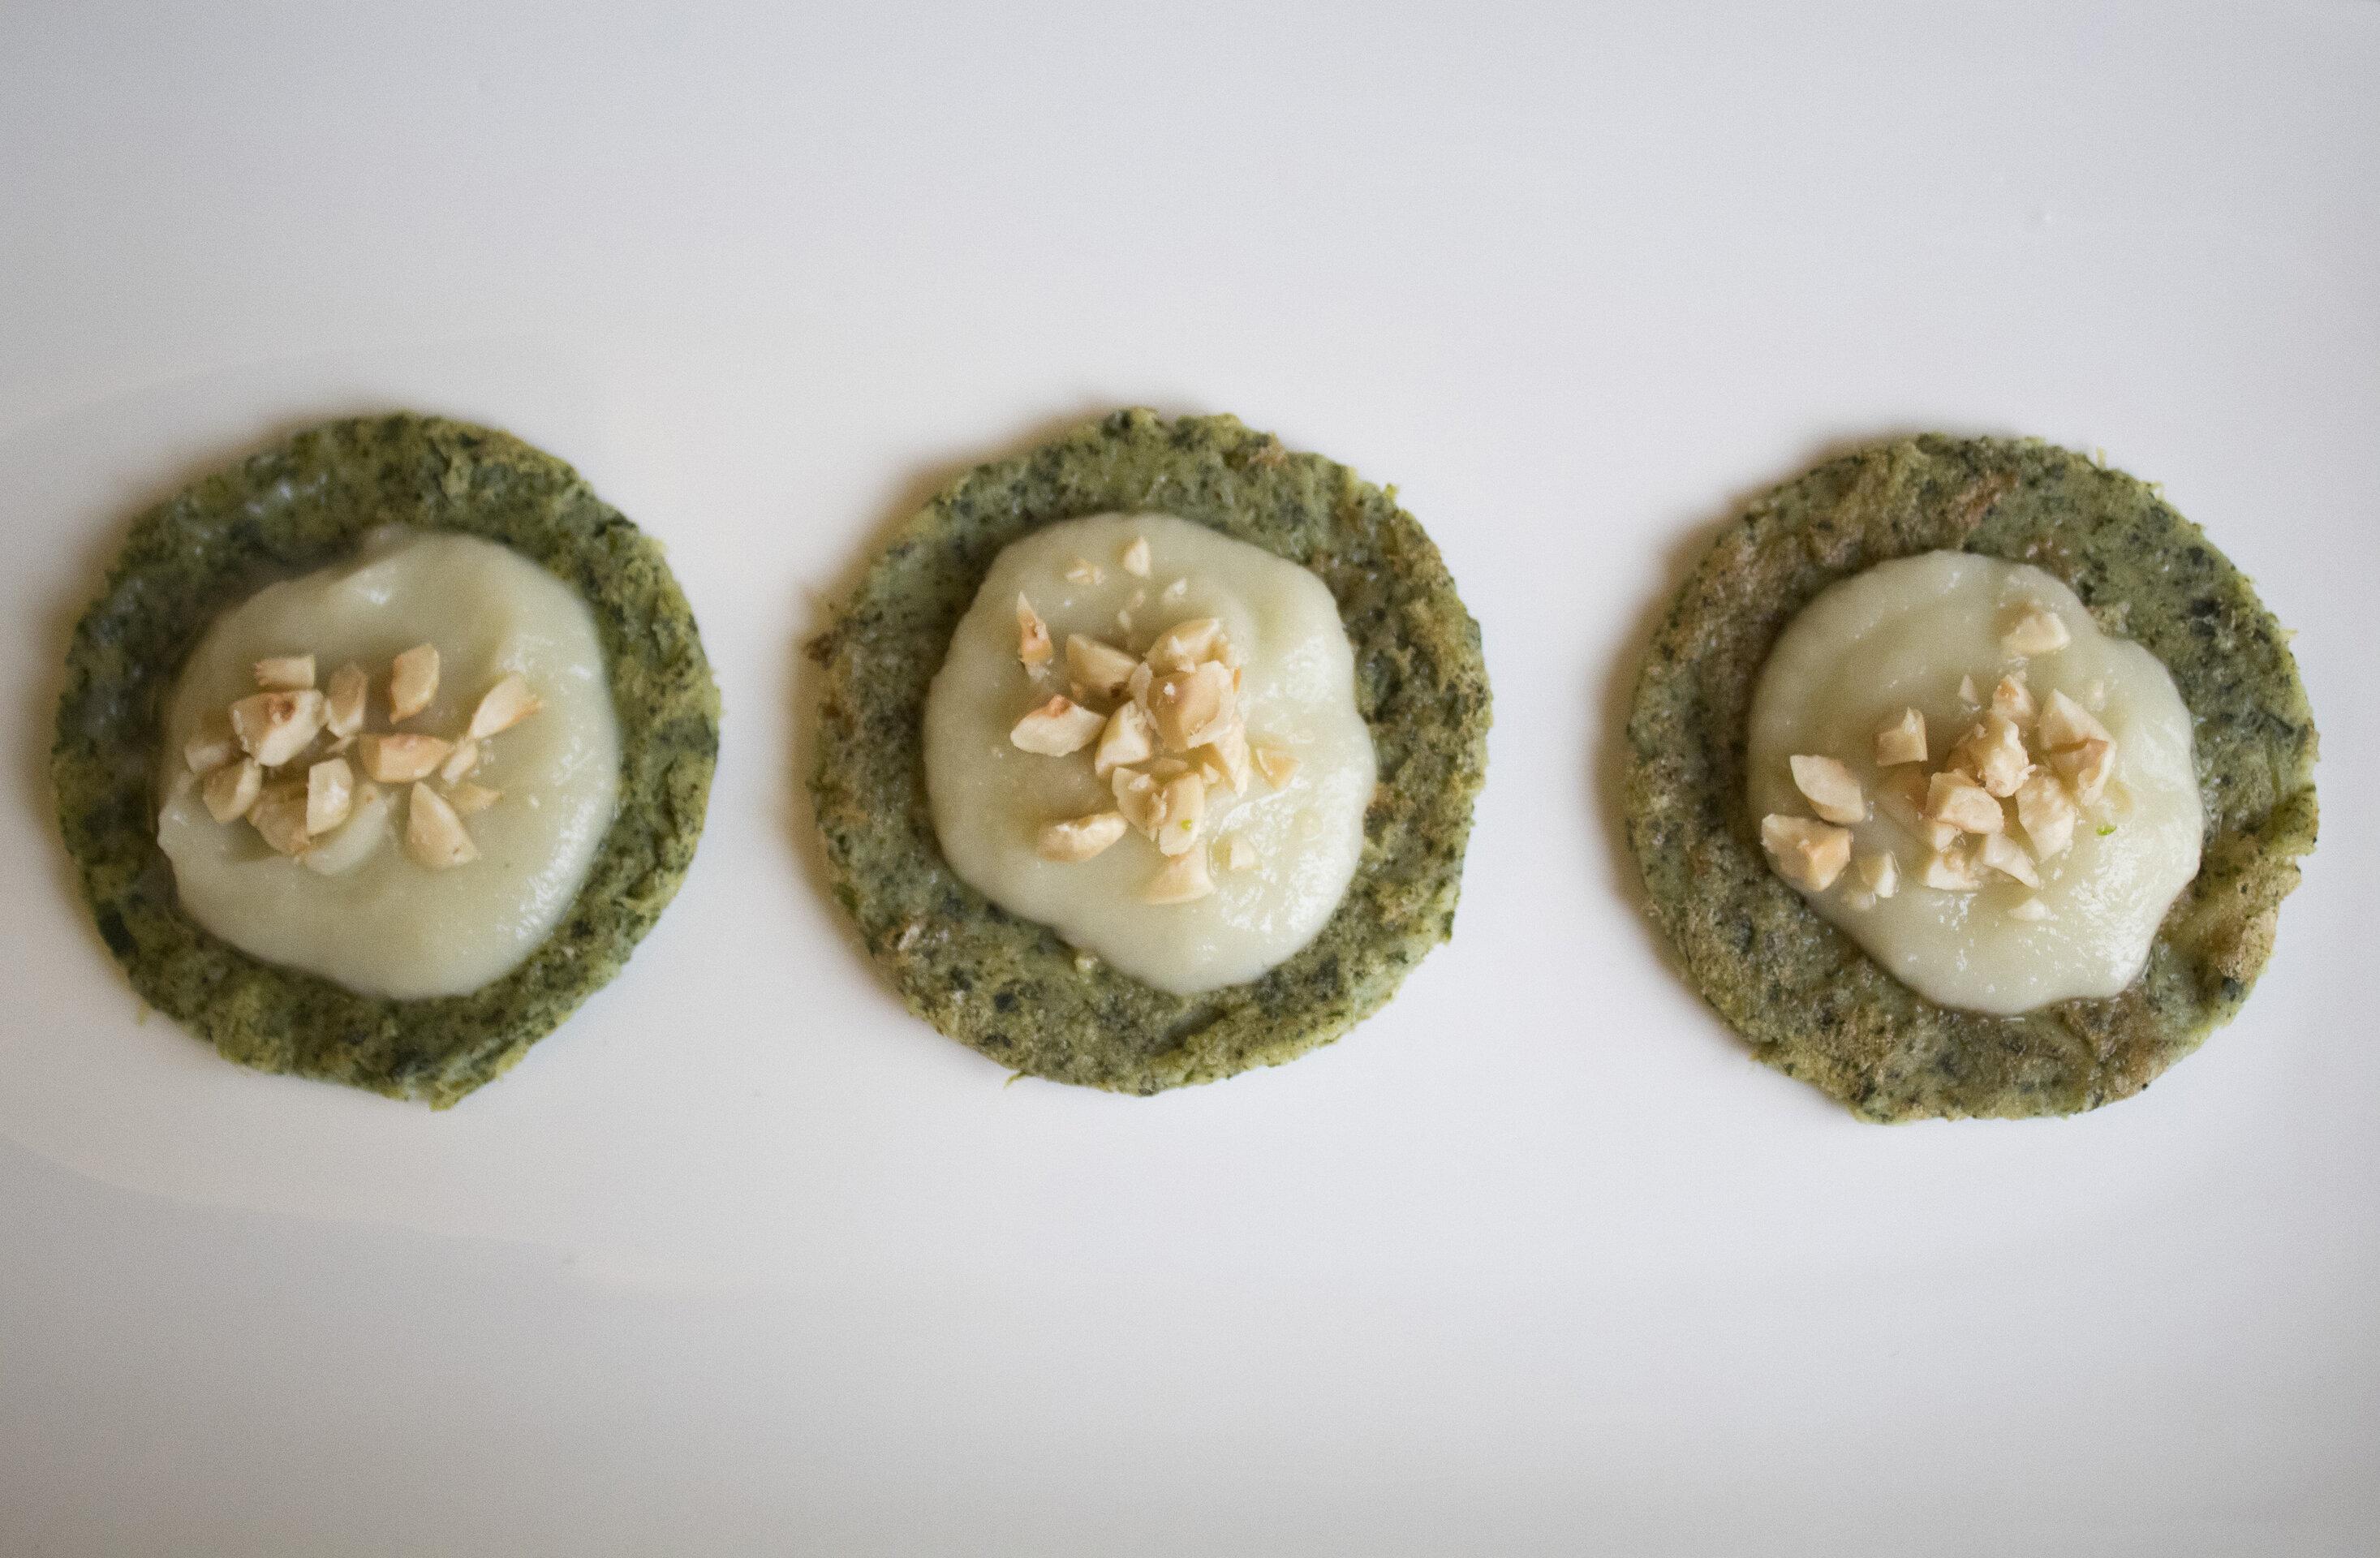 Farifrittatine di cicoria con crema di topinambur